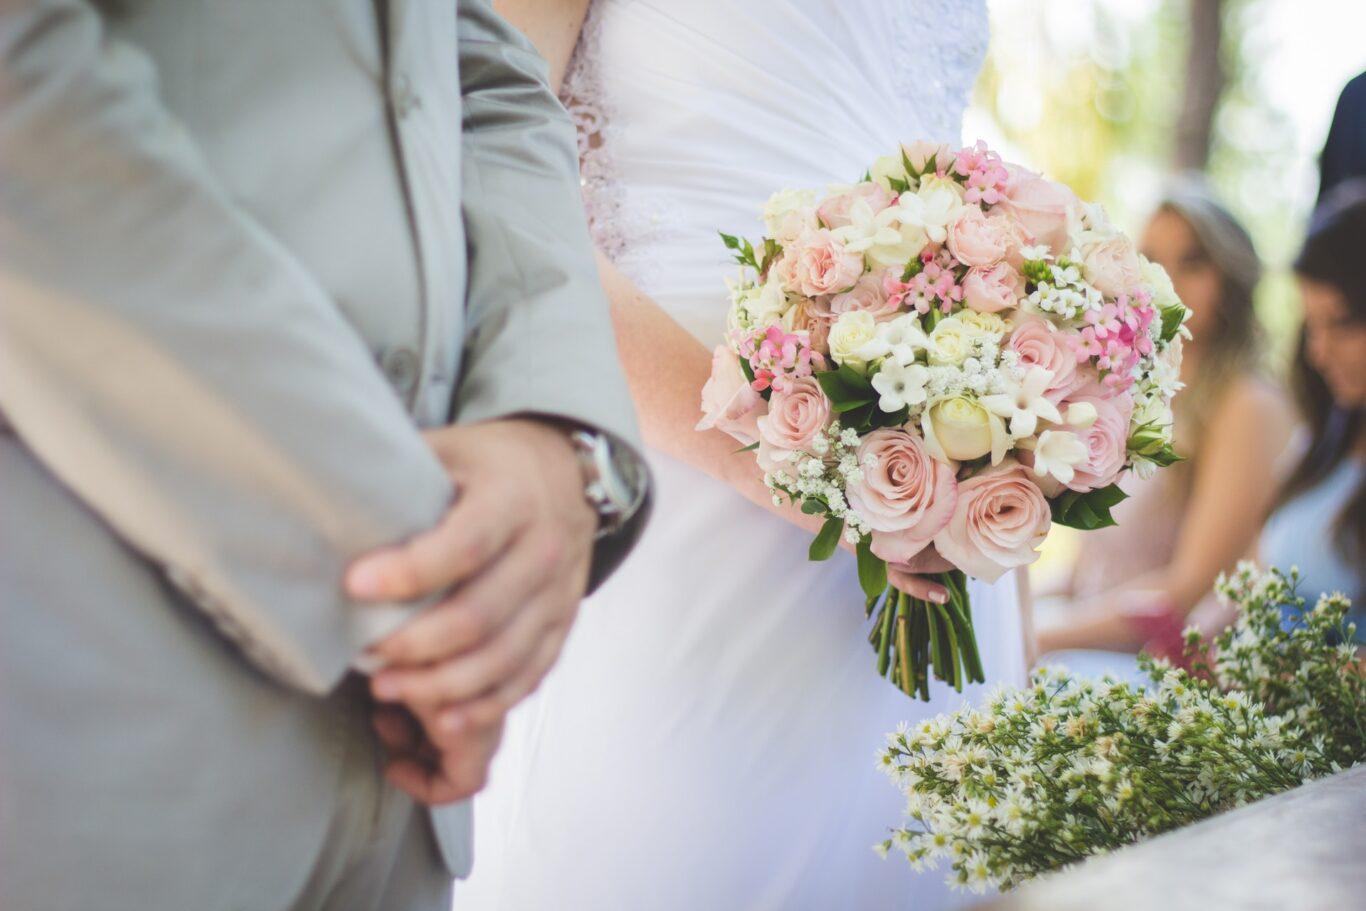 έθιμα και παραδόσεις σε έναν γάμο